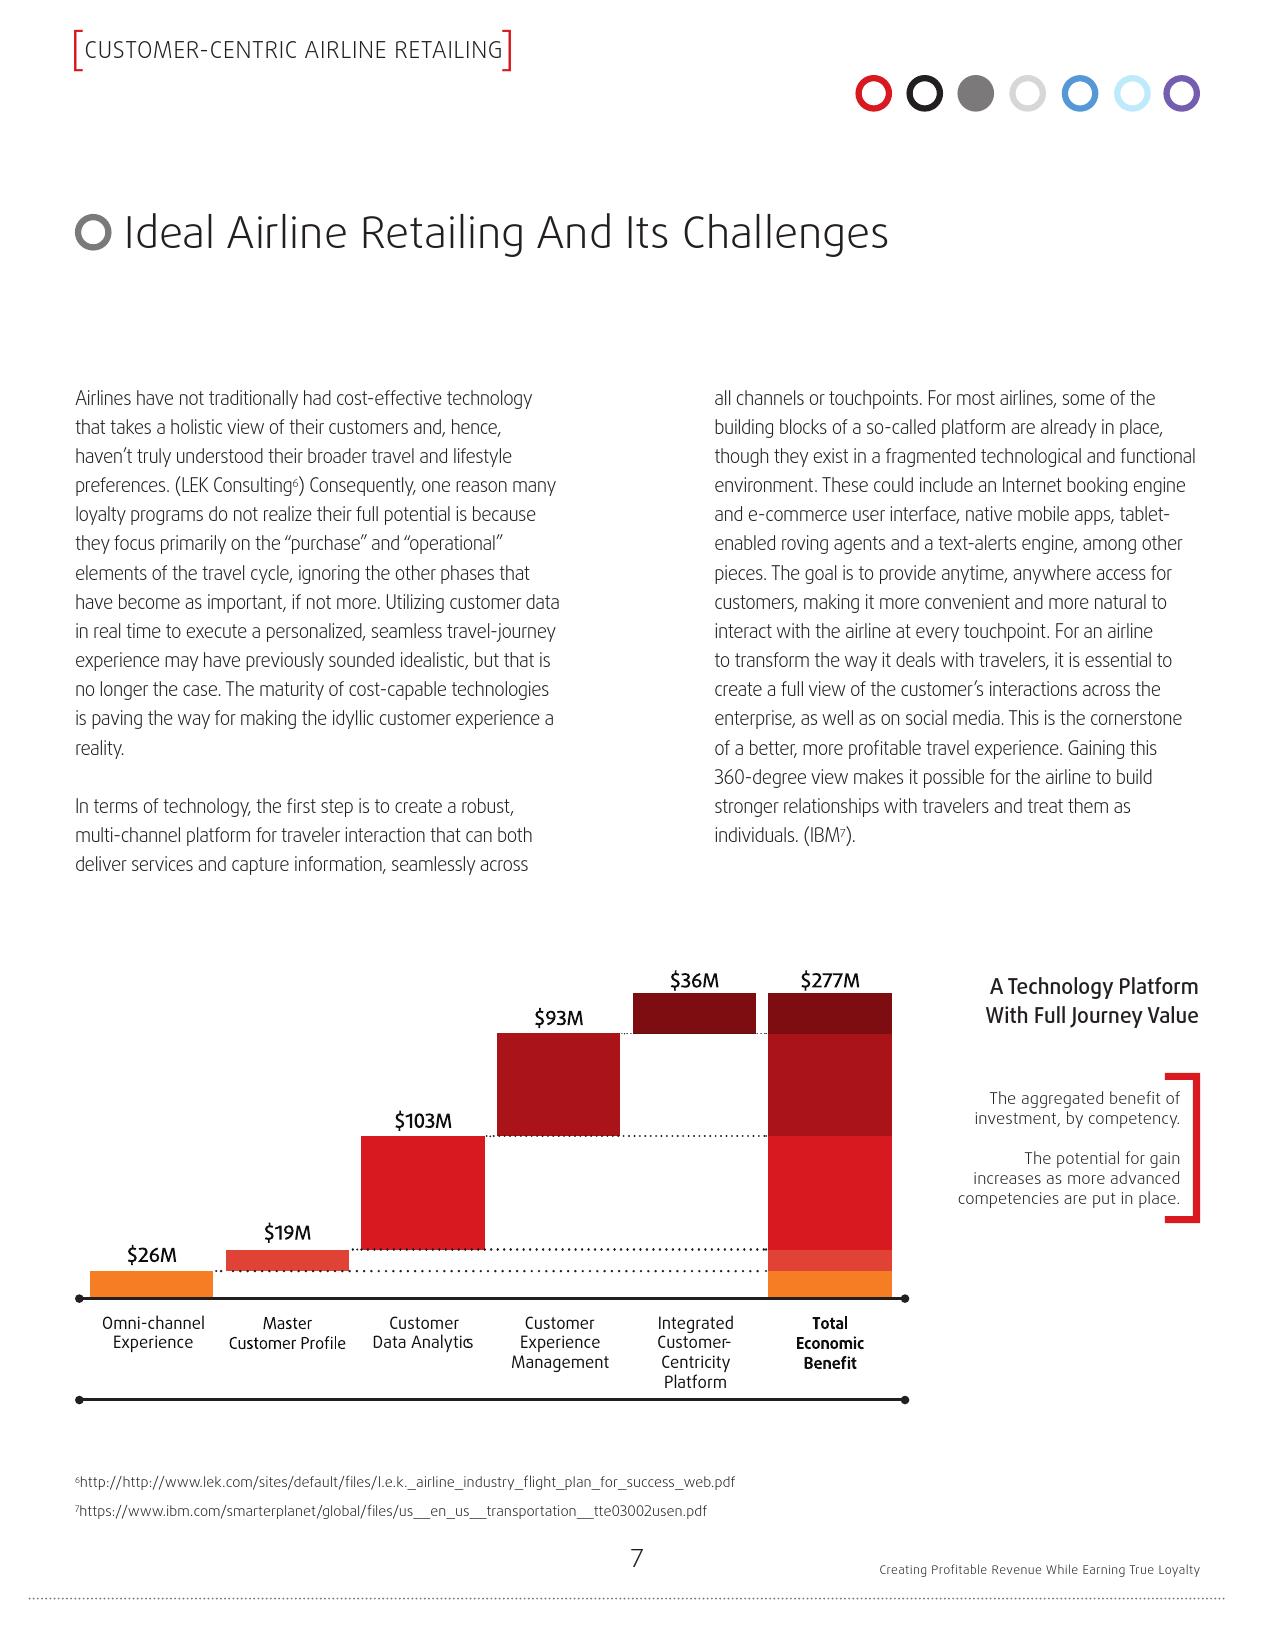 Sabre:探索以客户为中心的零售航空公司_000007